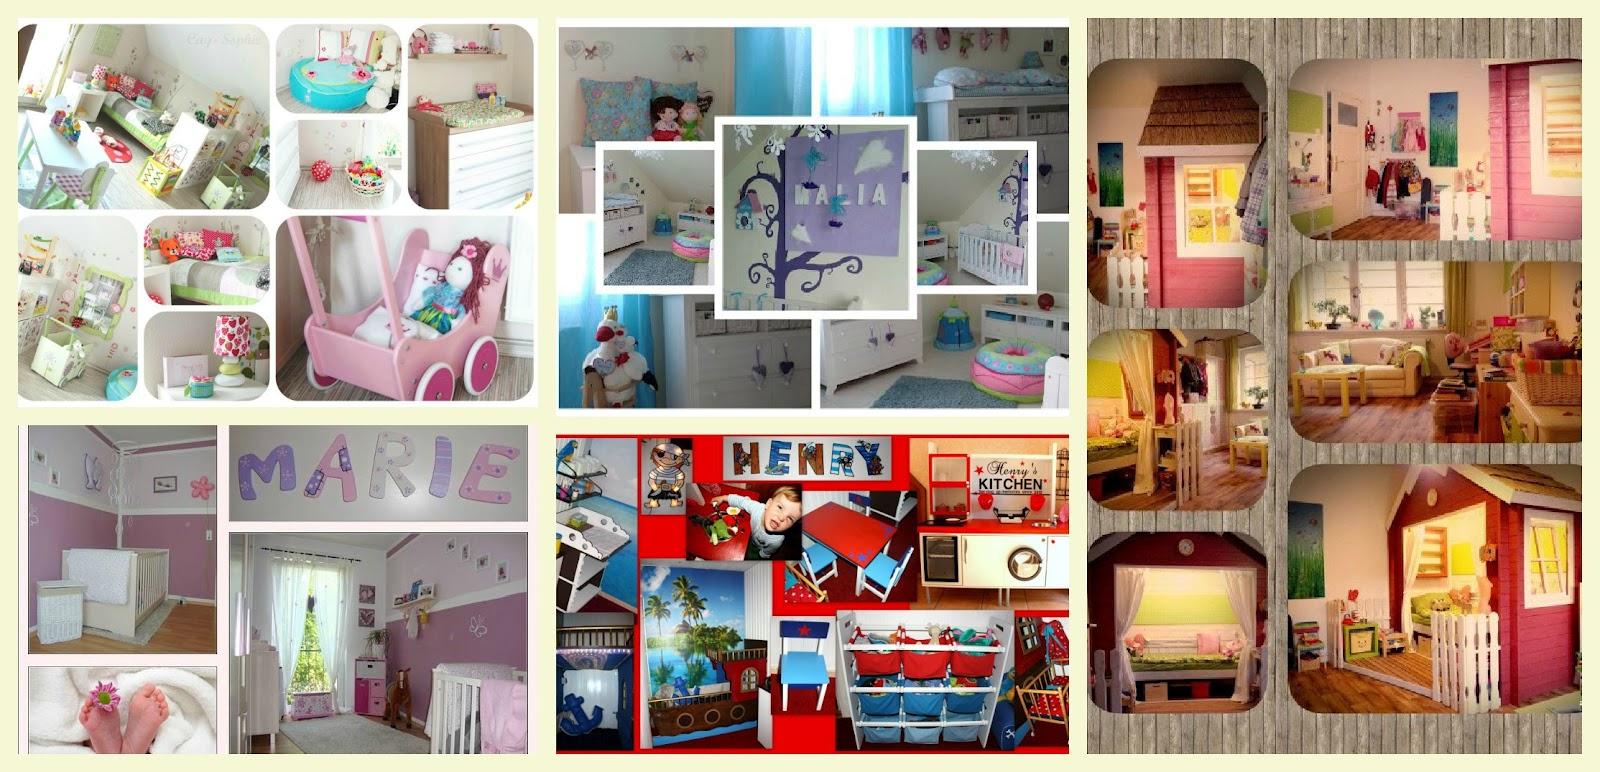 Löckchenzauber: Unsere schönsten Kinderzimmer !!!